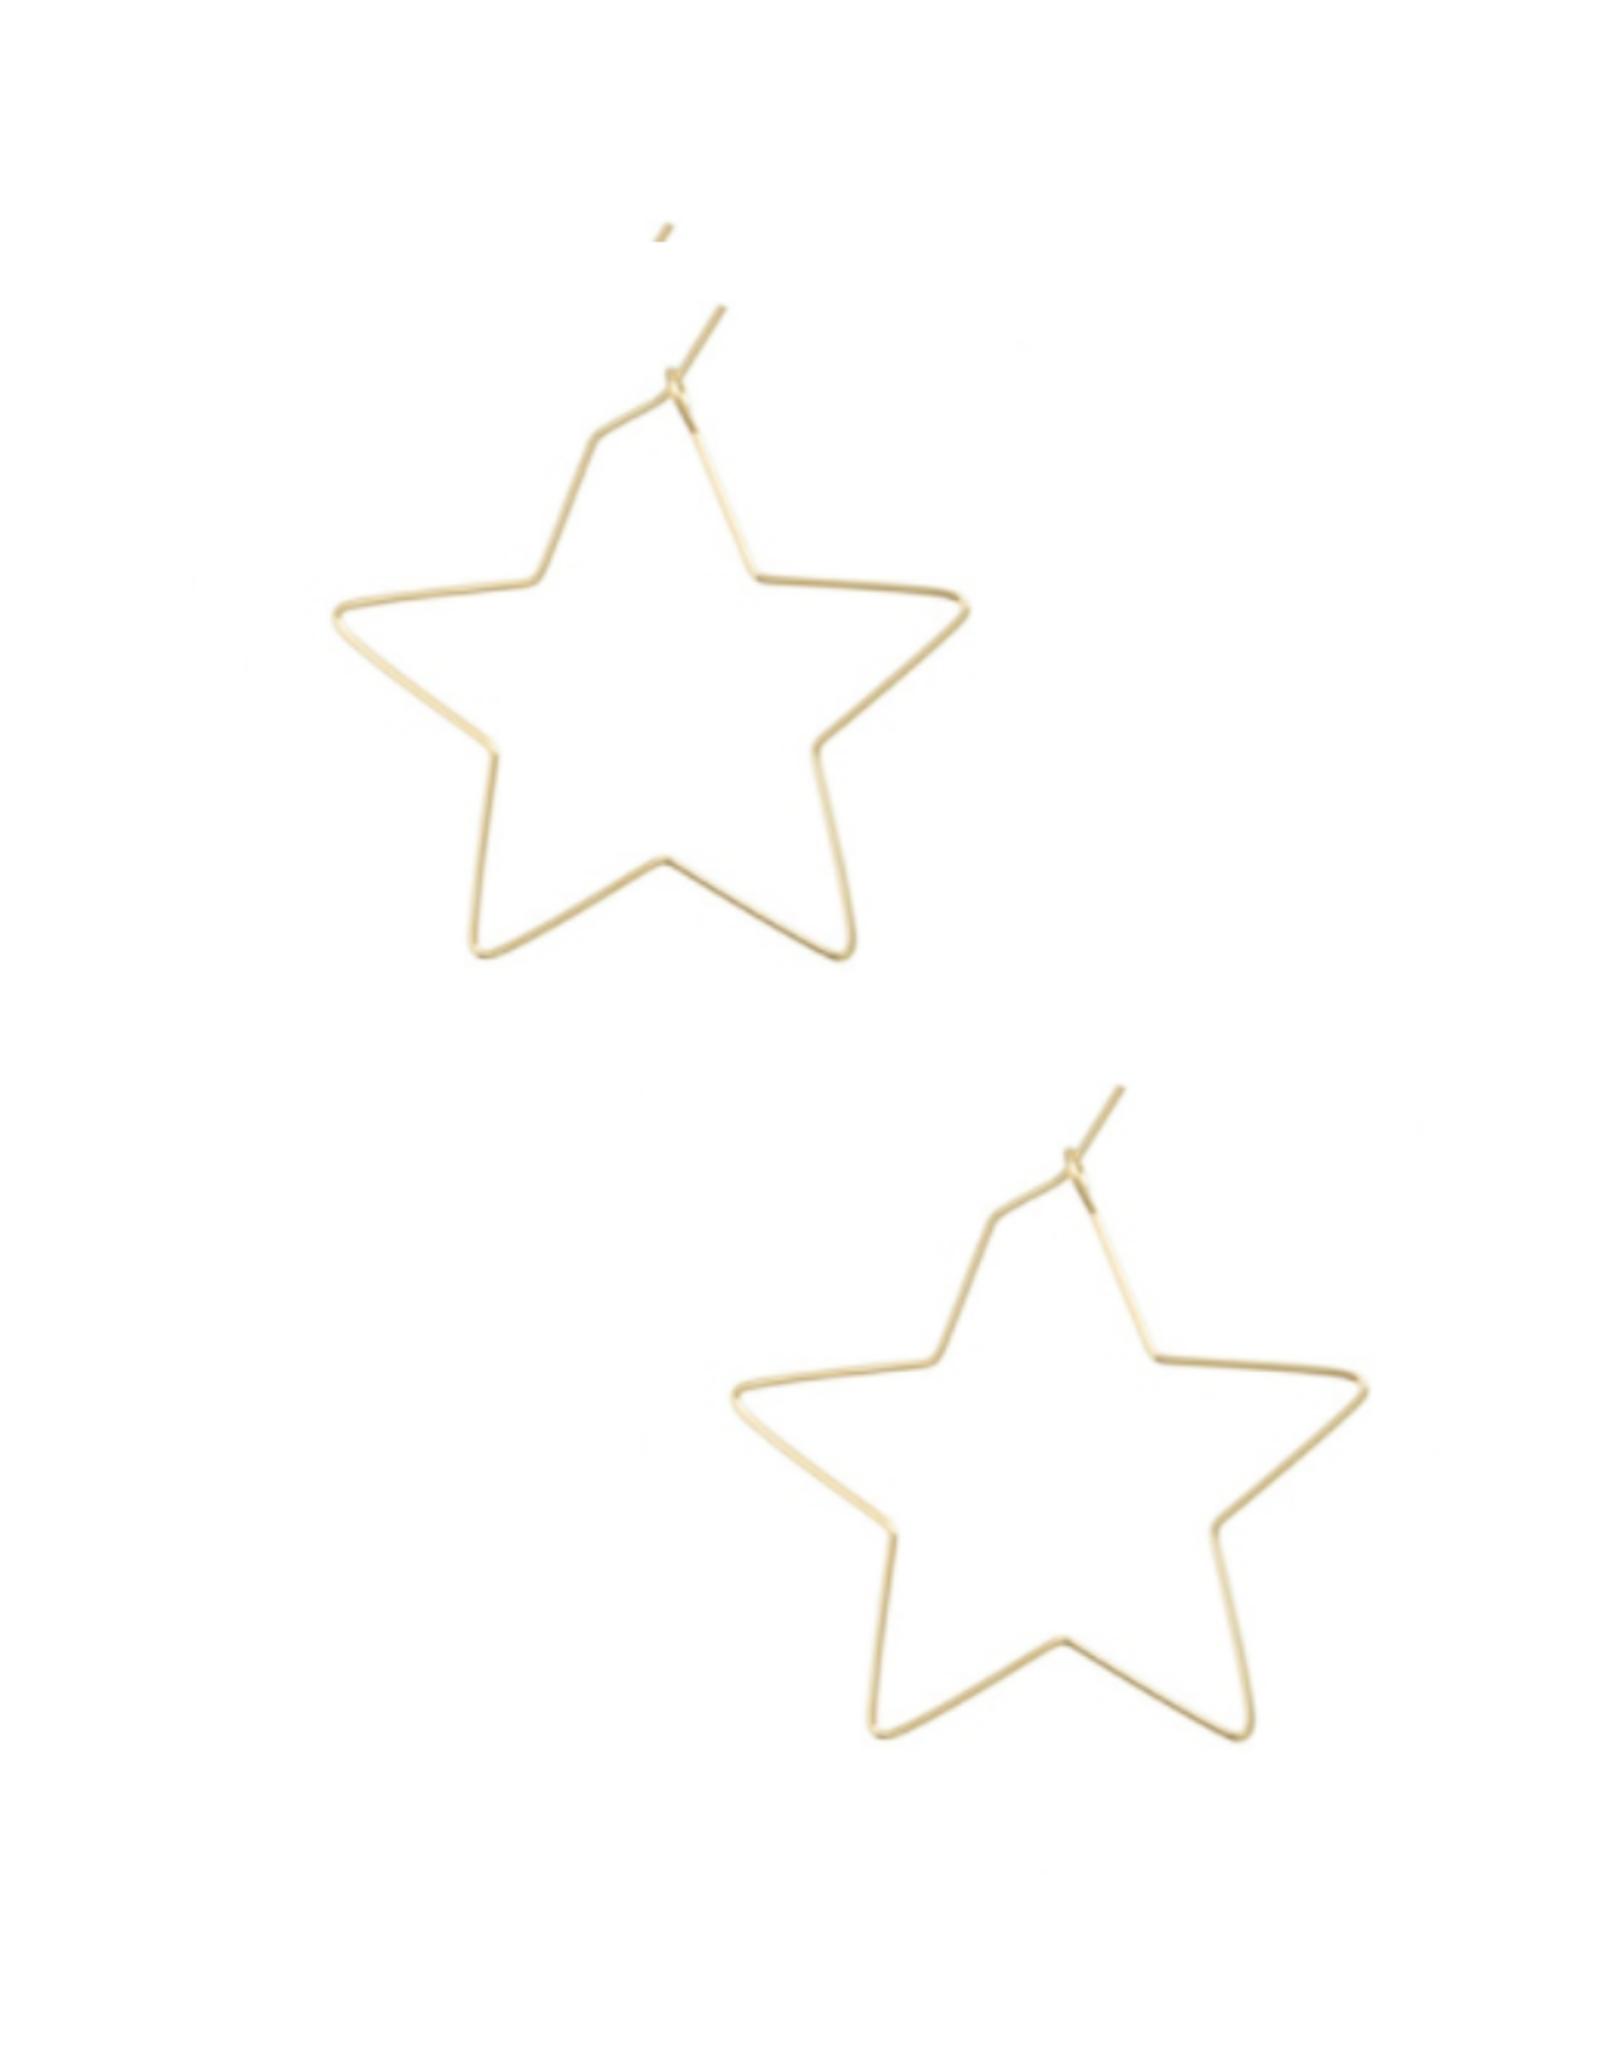 EARRINGS-GOLD DIPPED STARS